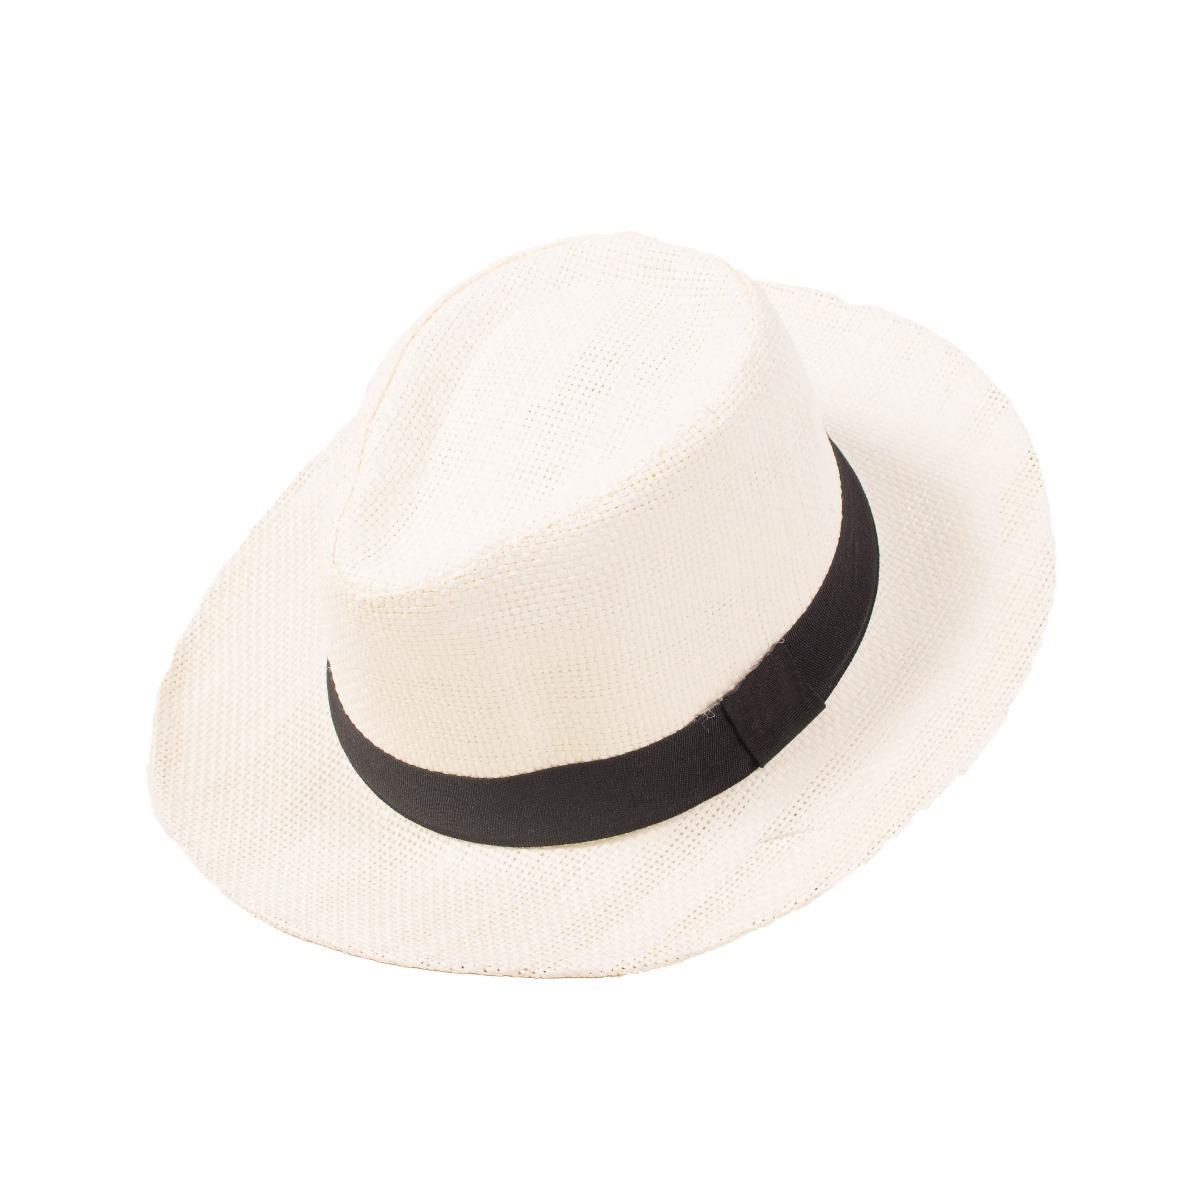 chapéu panamá moda casual praia feminino masculino aba larga. Carregando  zoom. 83098d1e6e7